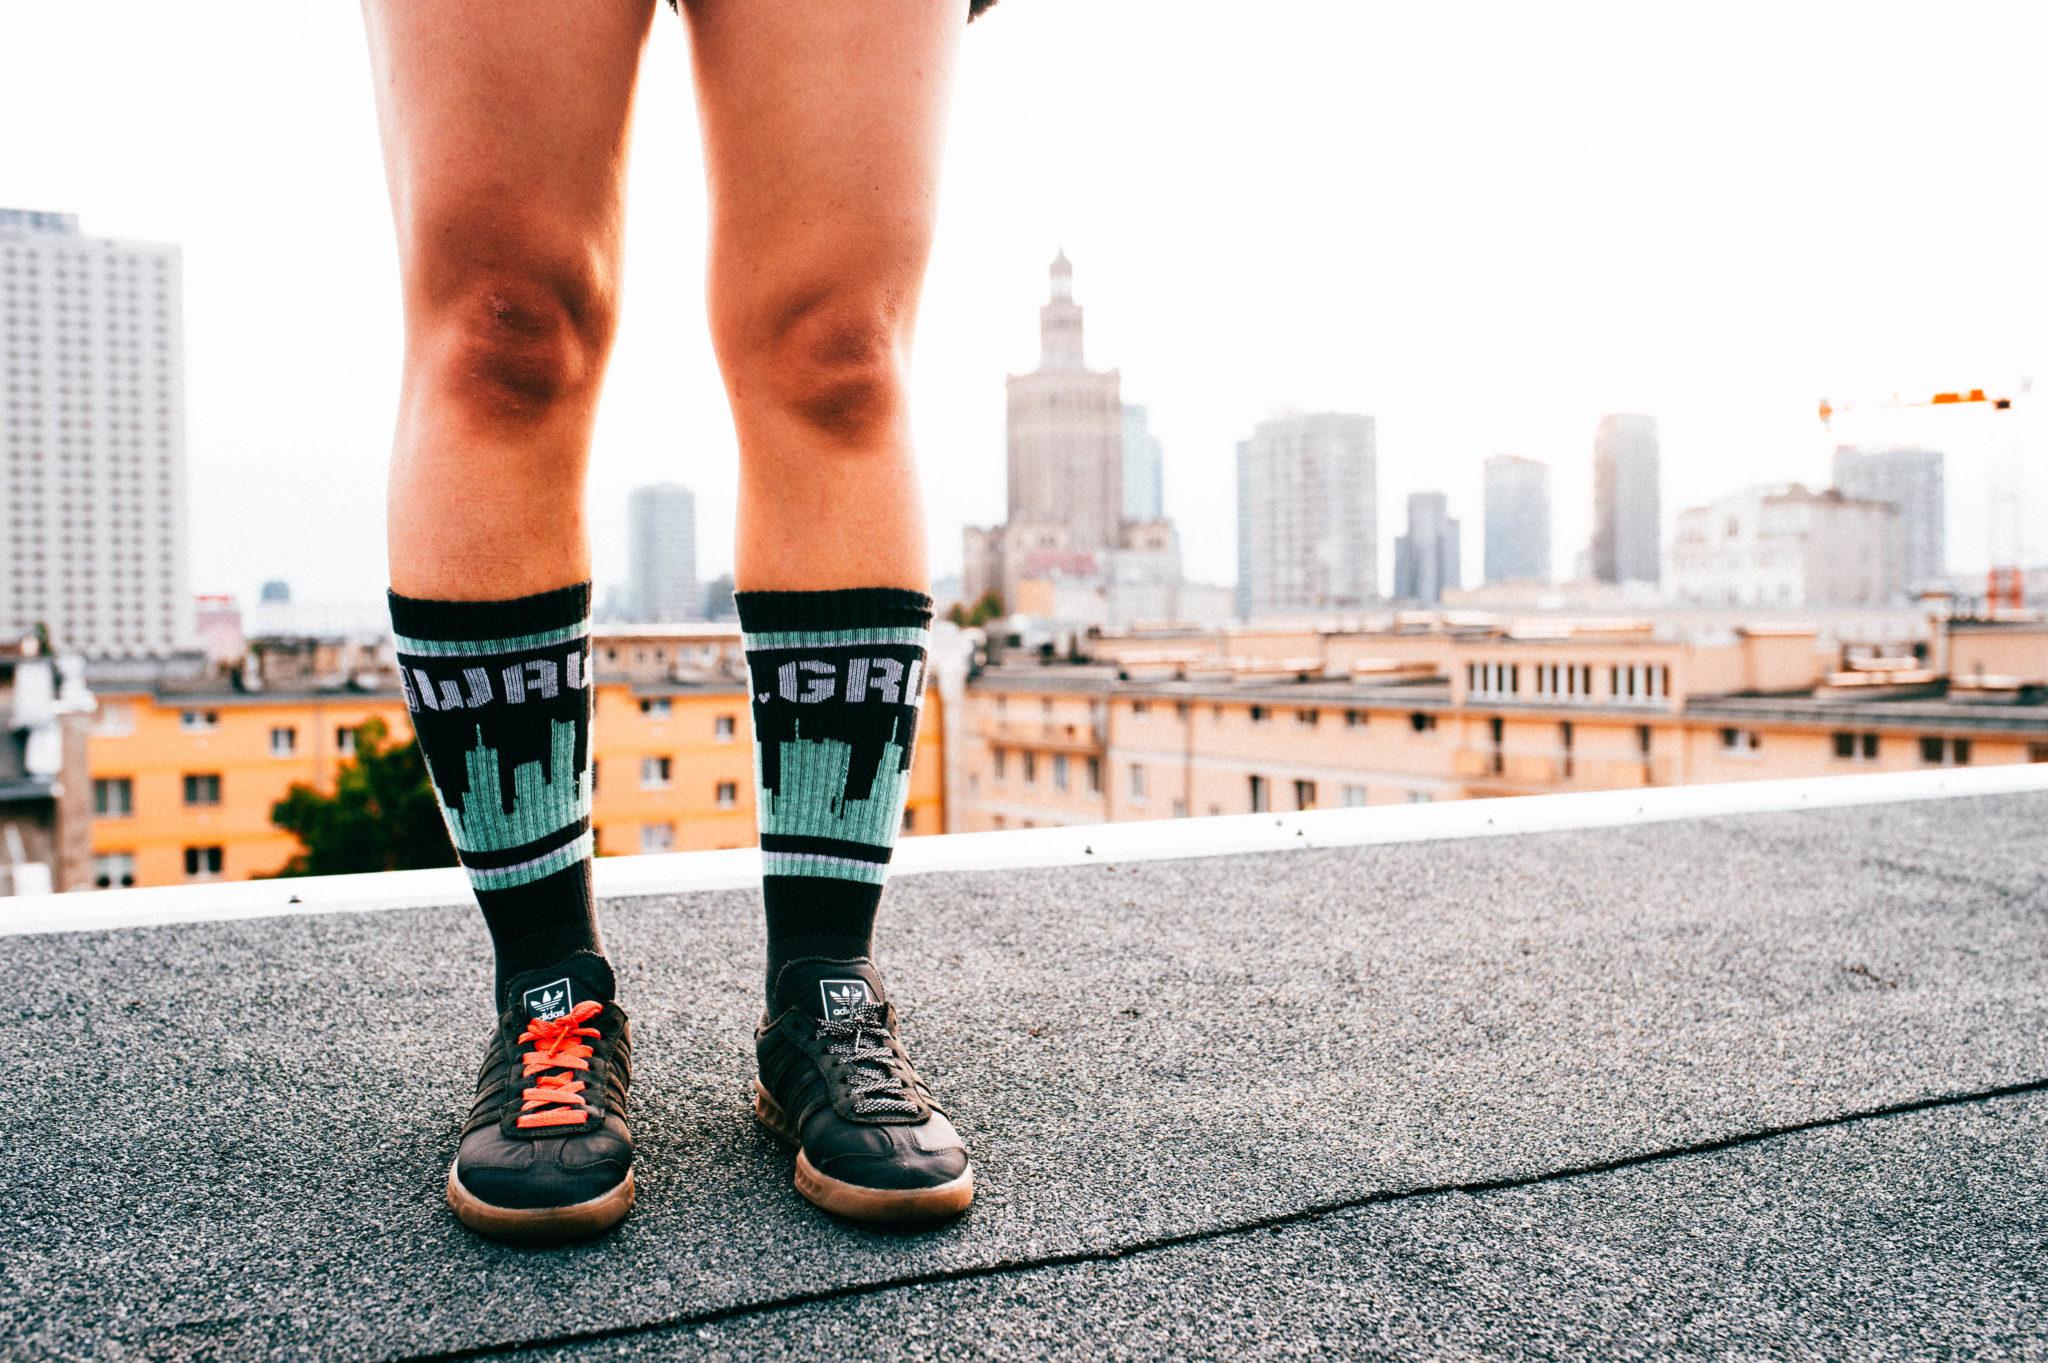 Męskie nogi w addidasach, ubrane w skarpetki z motywem Warszawy